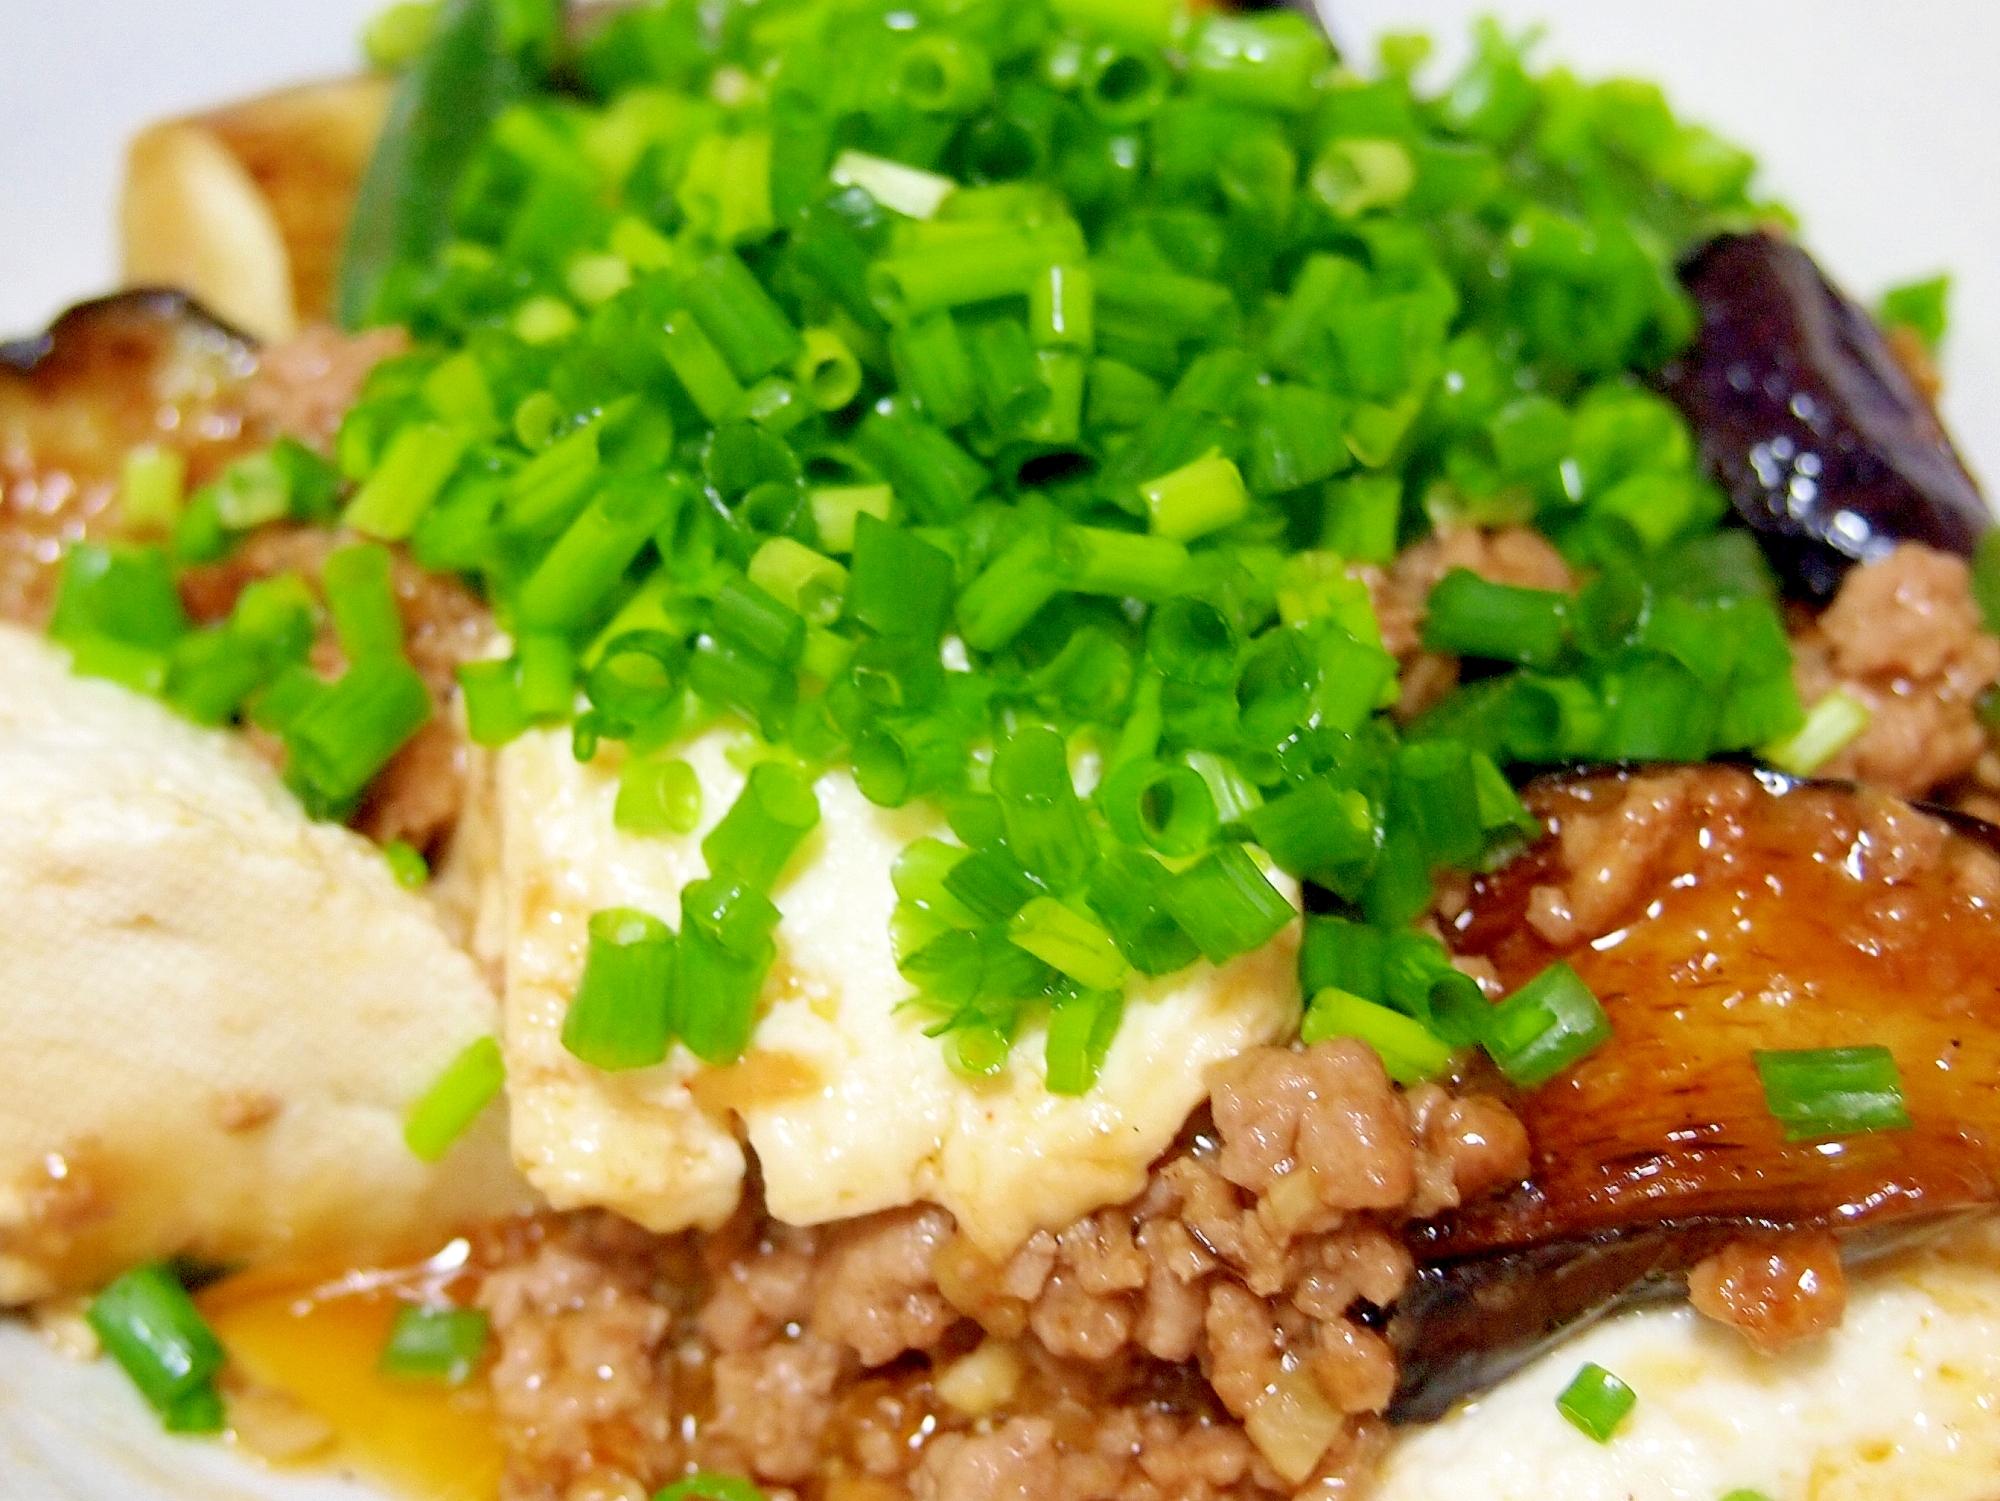 夏野菜と豆腐の麻婆炒め